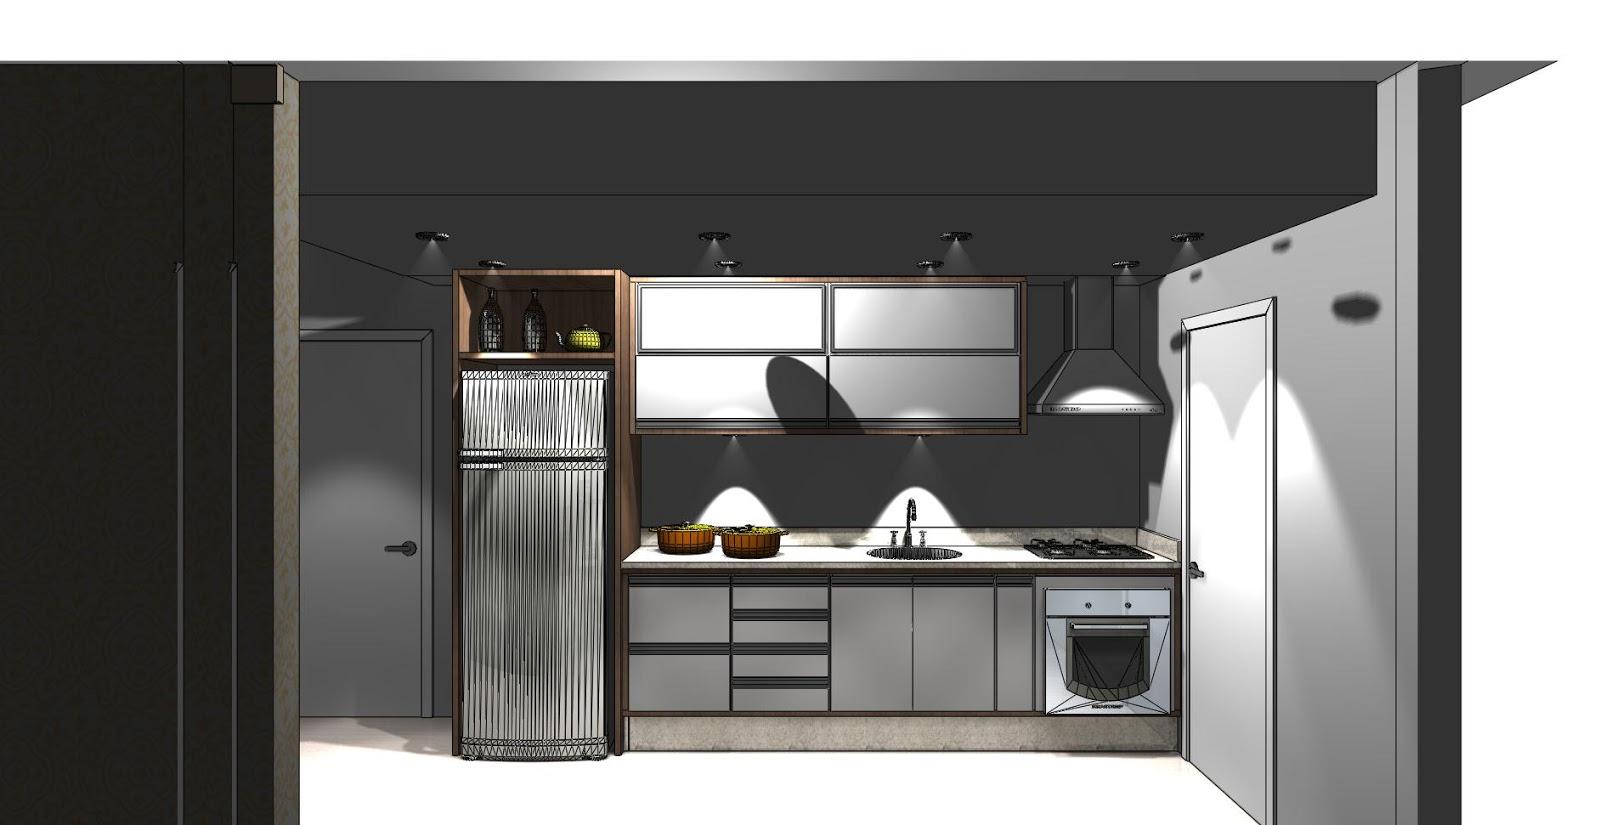 PROJETO APÊ DOS SONHOS!: Projeto cozinha #5F4C3B 1600 825